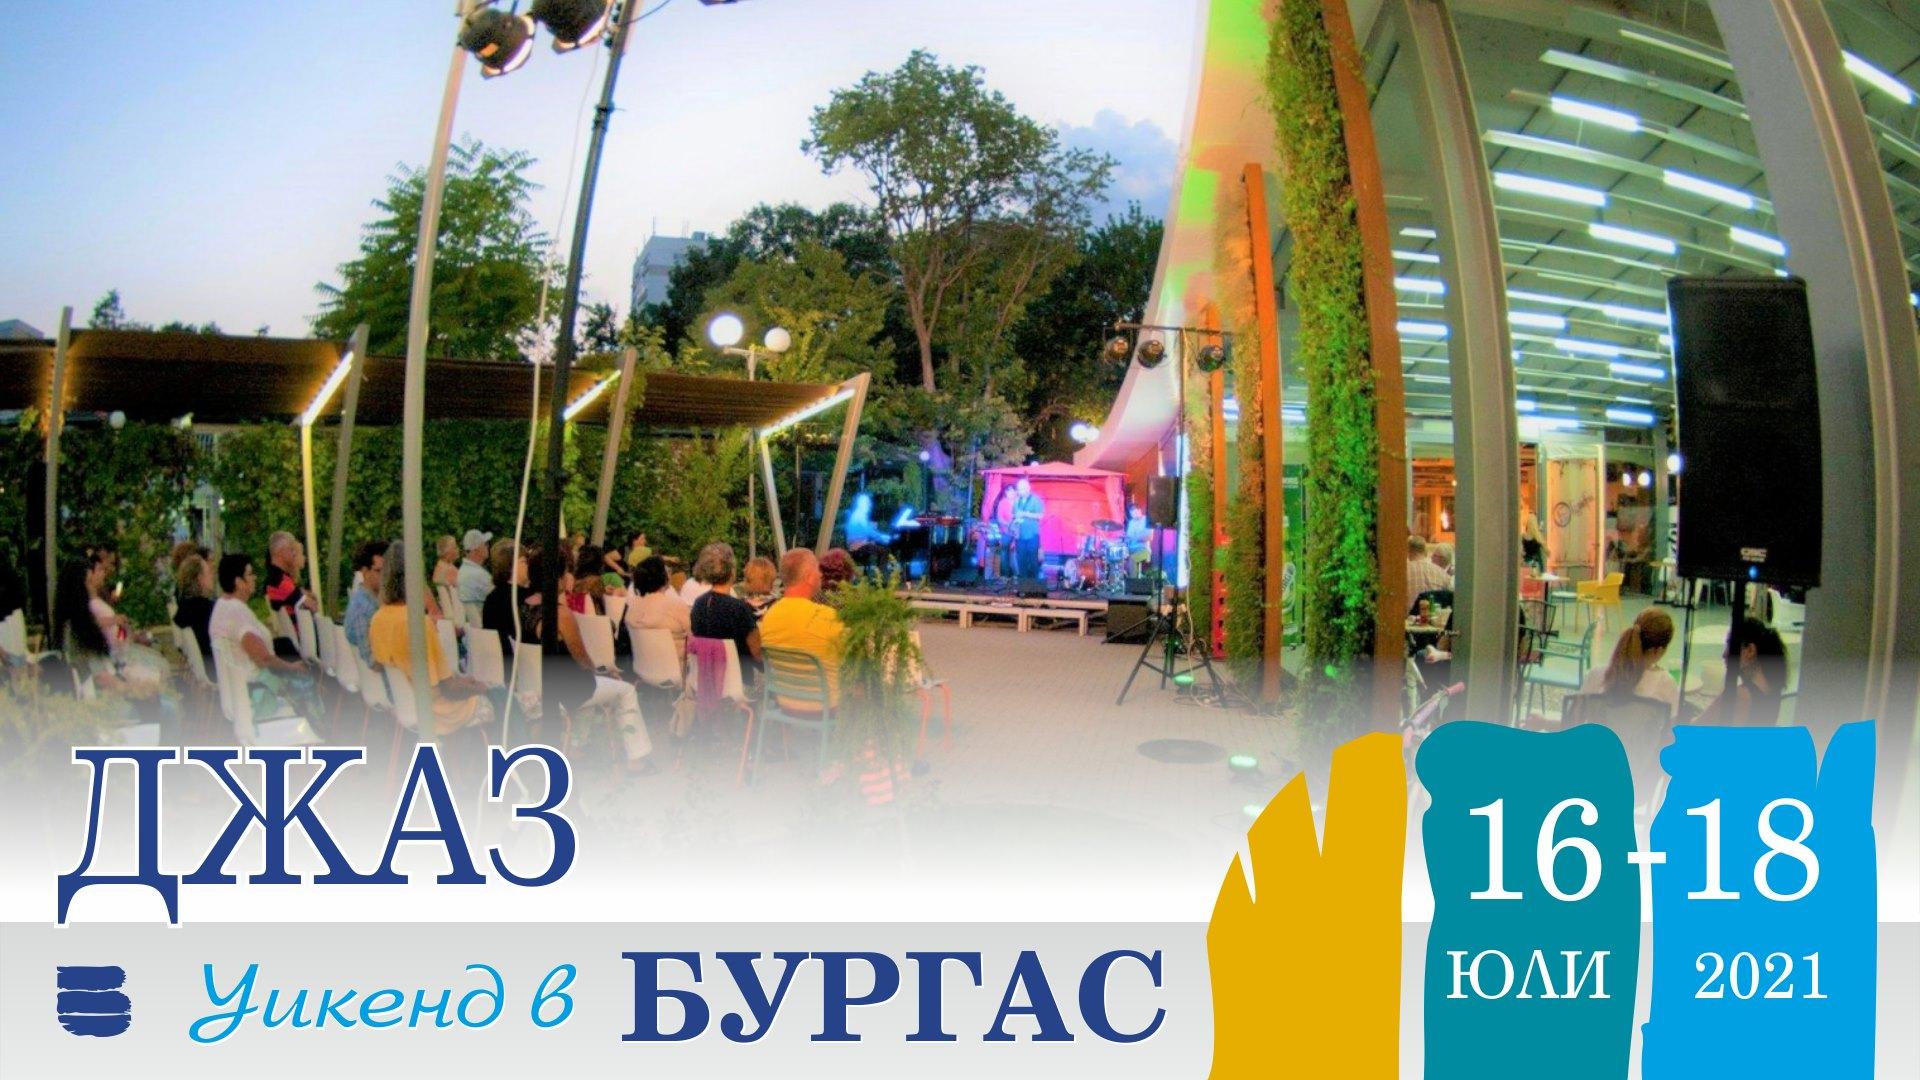 Jazz and cinema weekend in Burgas July 16-18